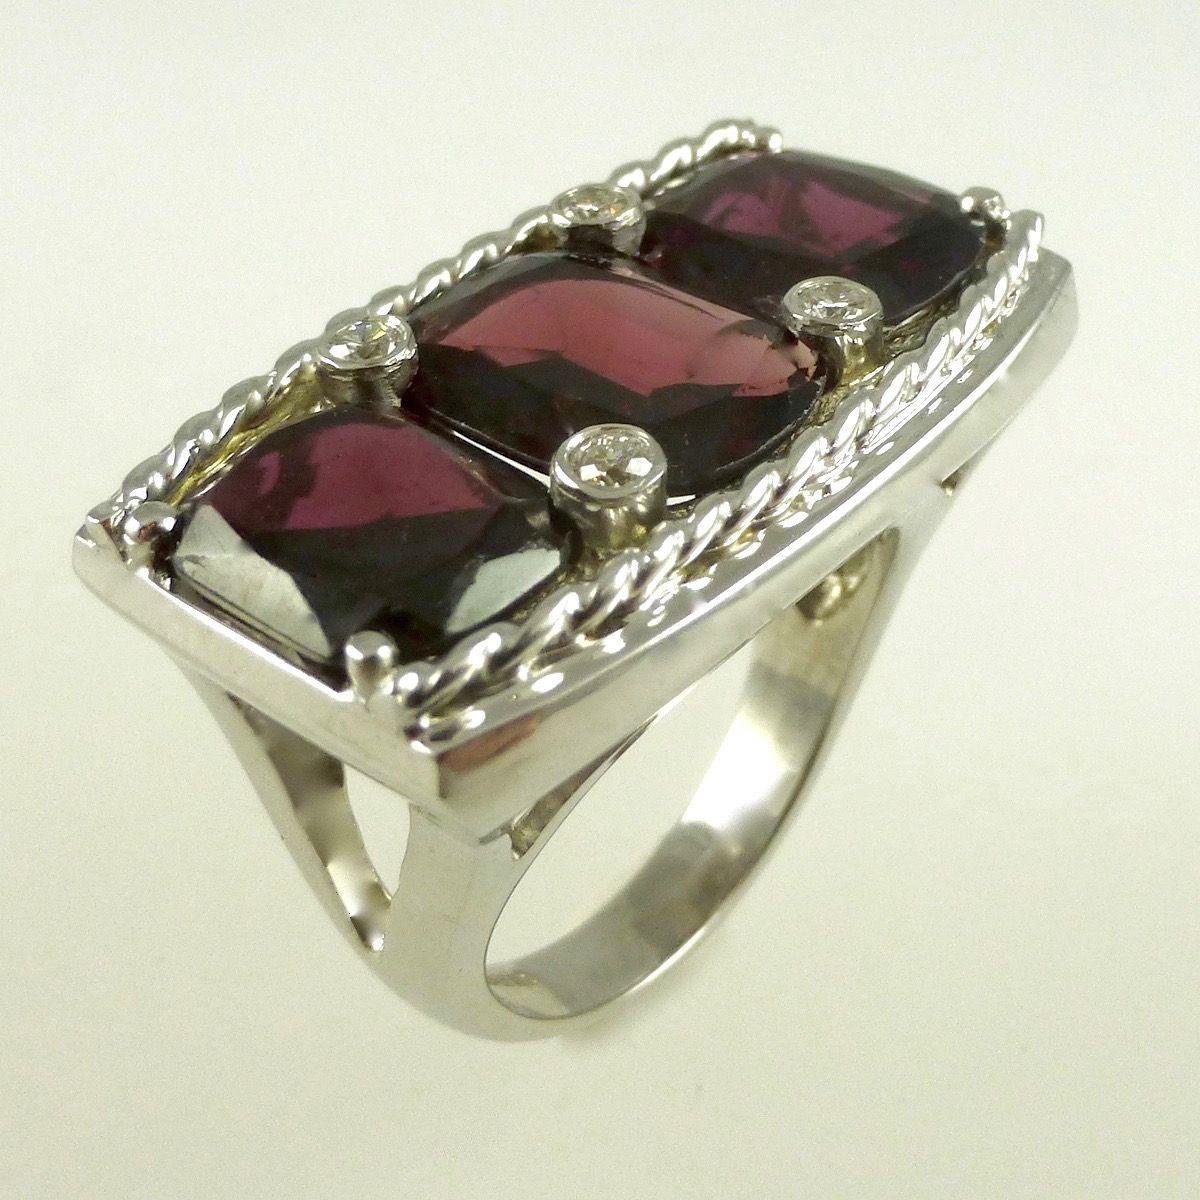 Garnet dress ring set in 18 carat white gold